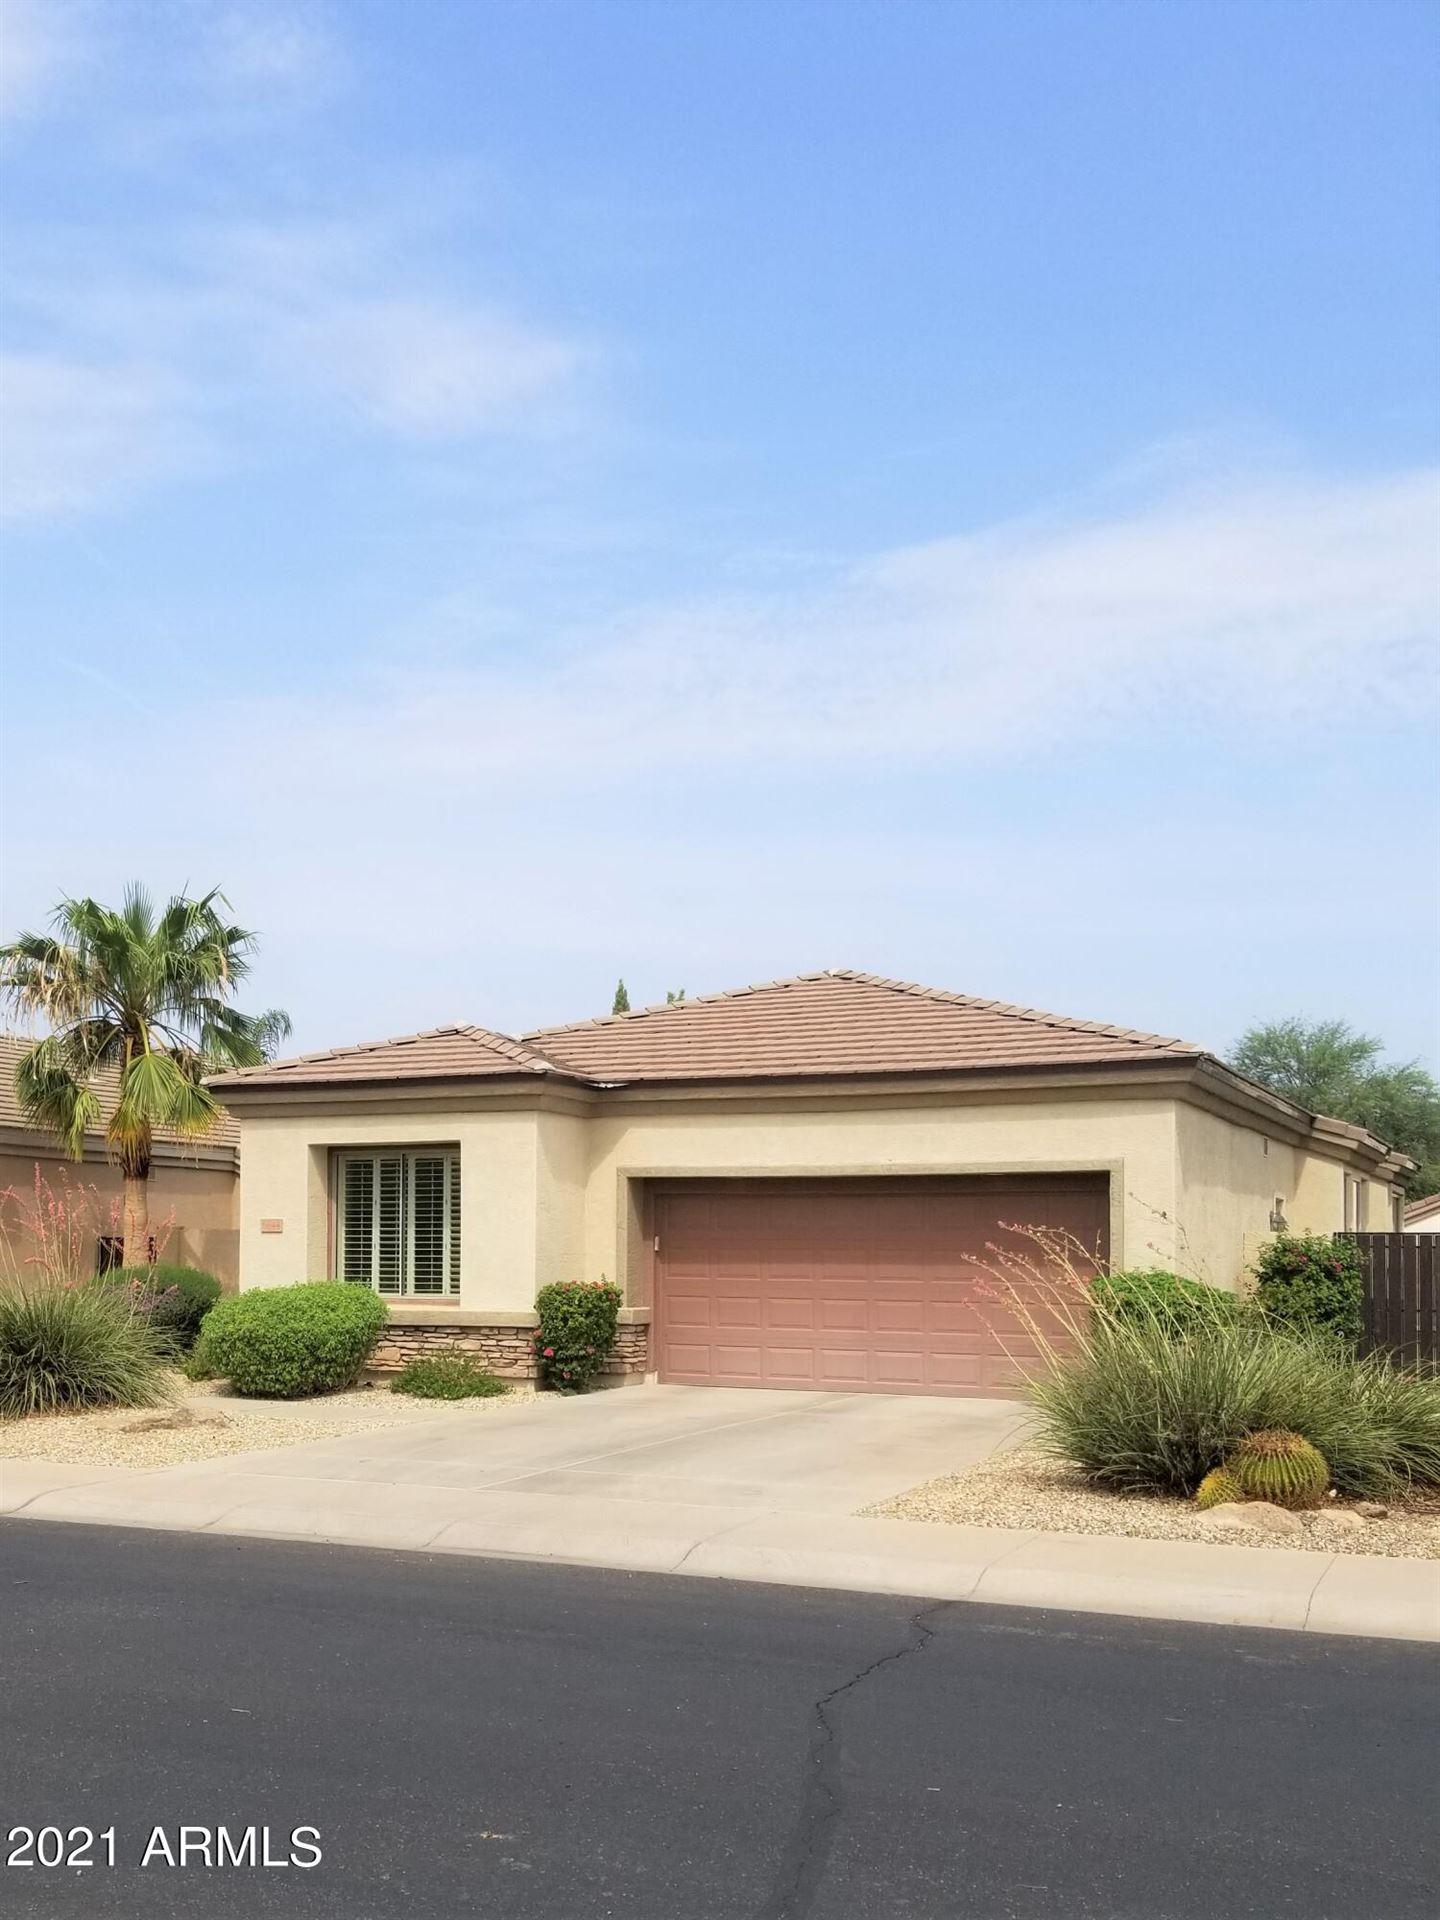 Photo of 6844 S PINEHURST Drive, Gilbert, AZ 85298 (MLS # 6268989)